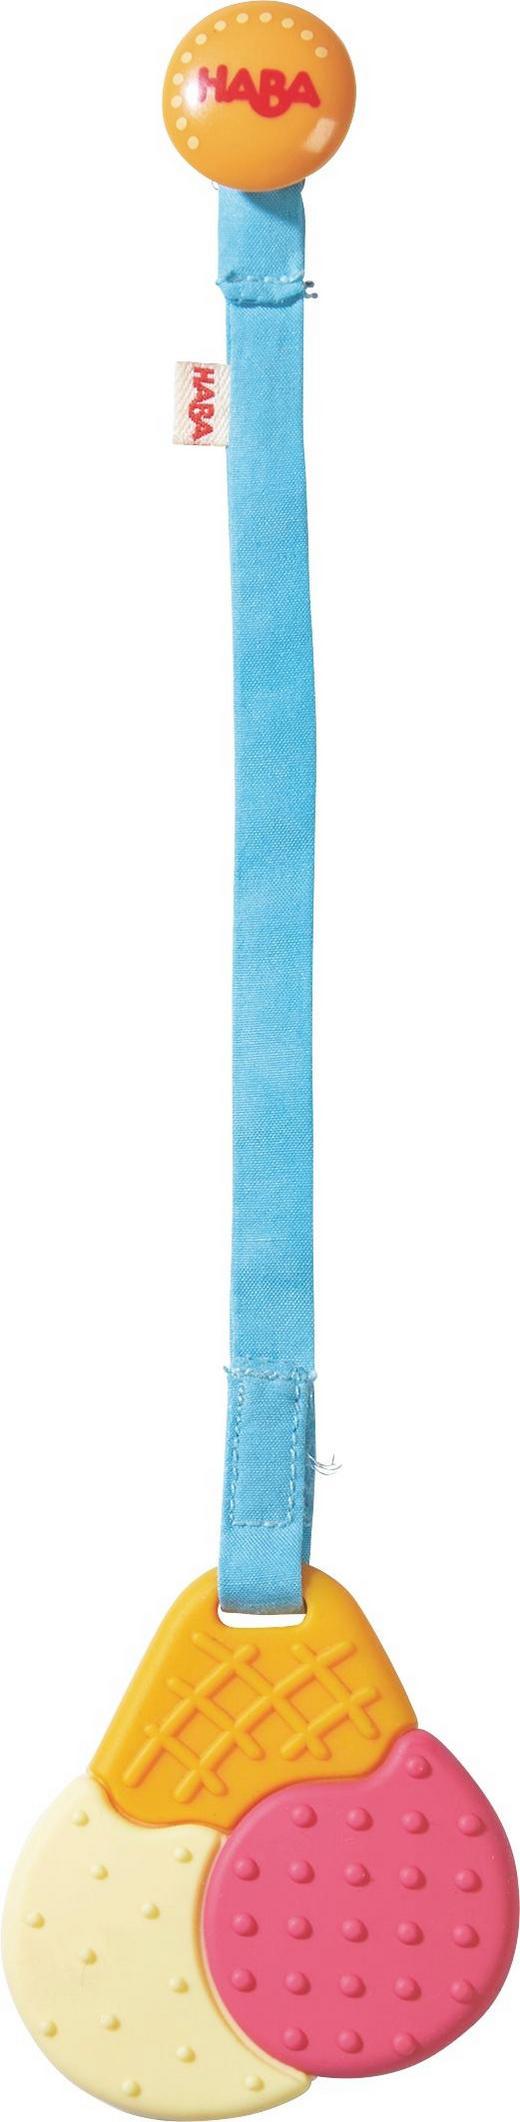 GREIFLING - Multicolor, Basics, Kunststoff/Textil (6/6,5cm) - Haba